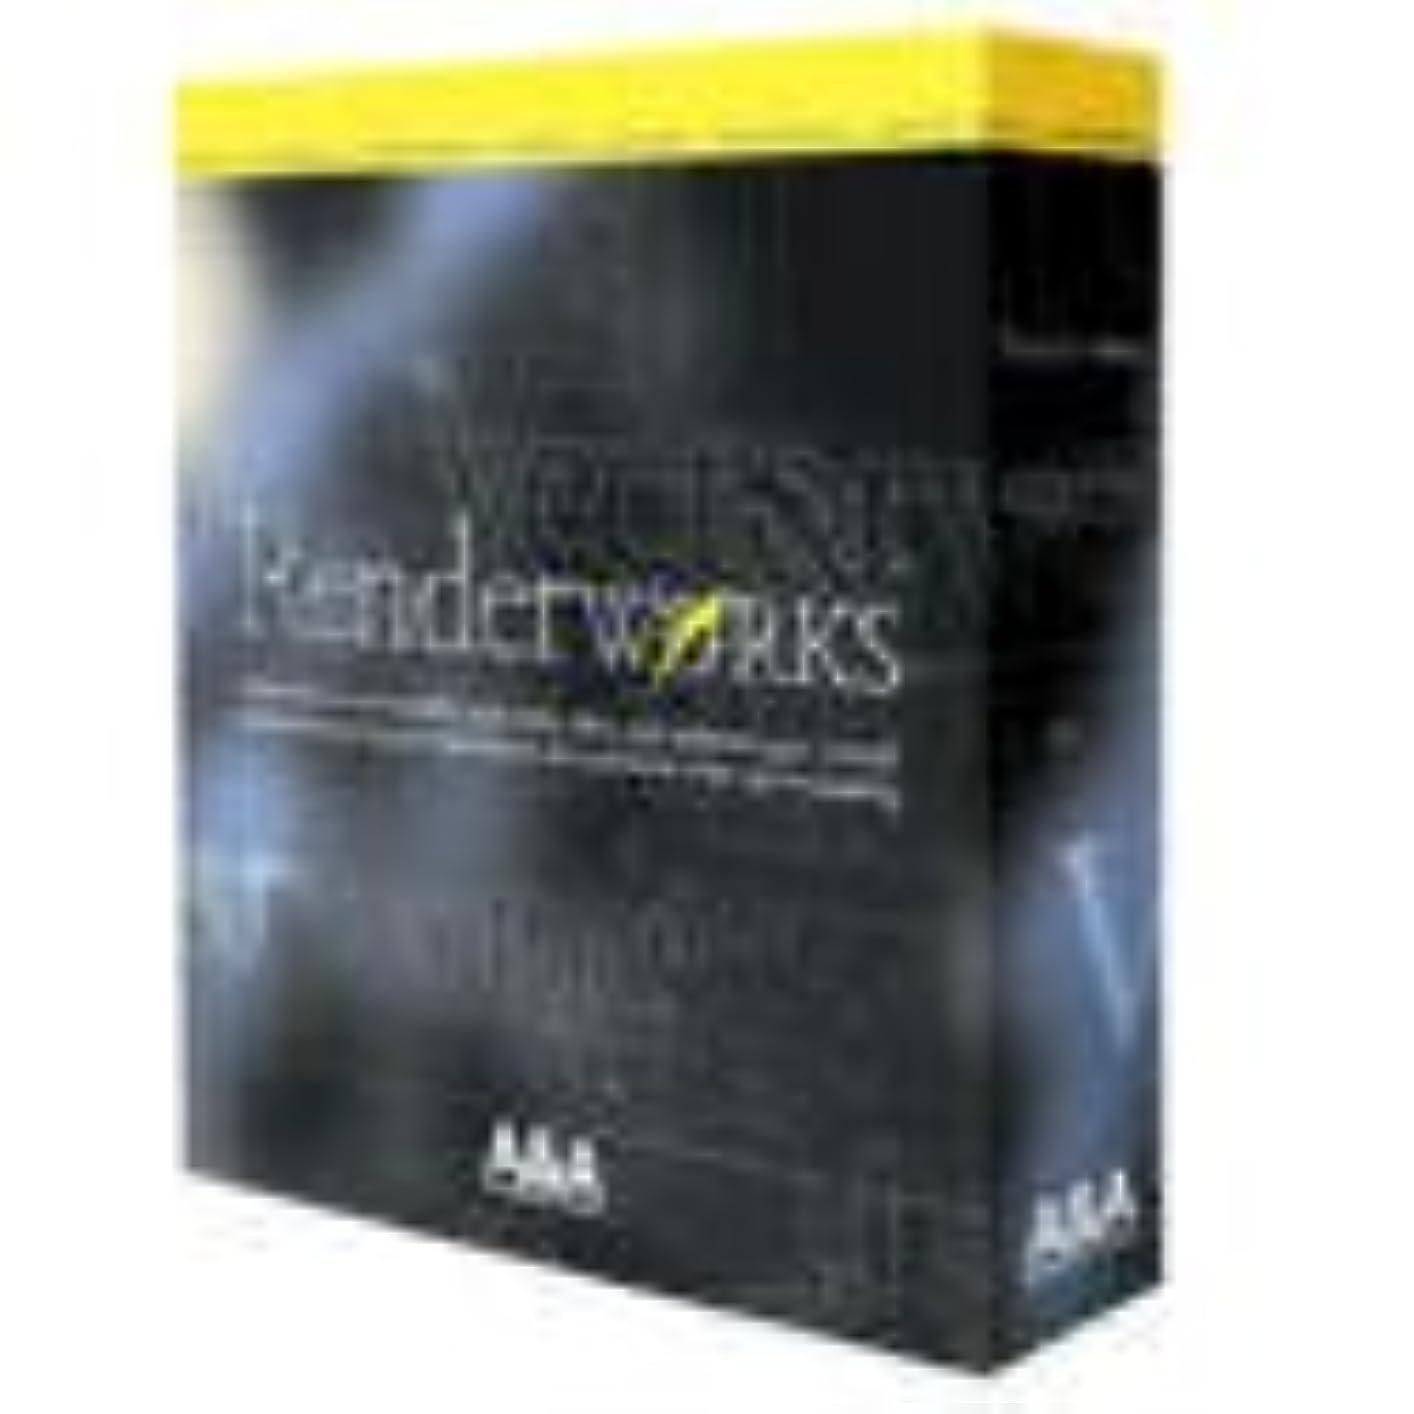 不良残りラインRenderworks Ver.10 スタンドアロン版基本パッケージ Macintosh版